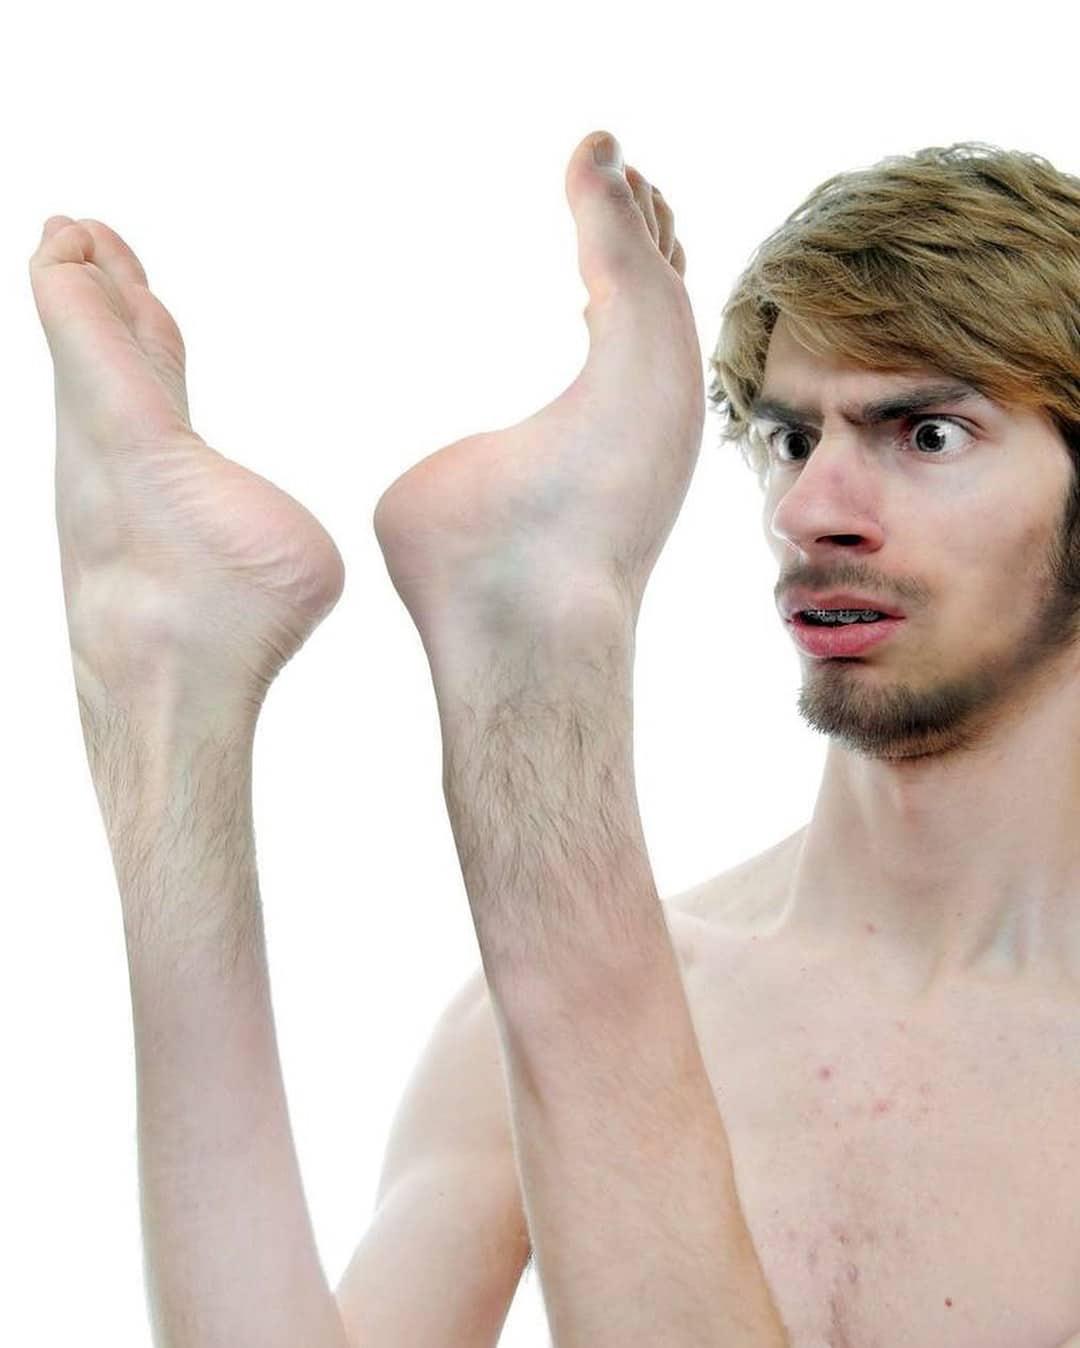 парень с ногами вместо рук